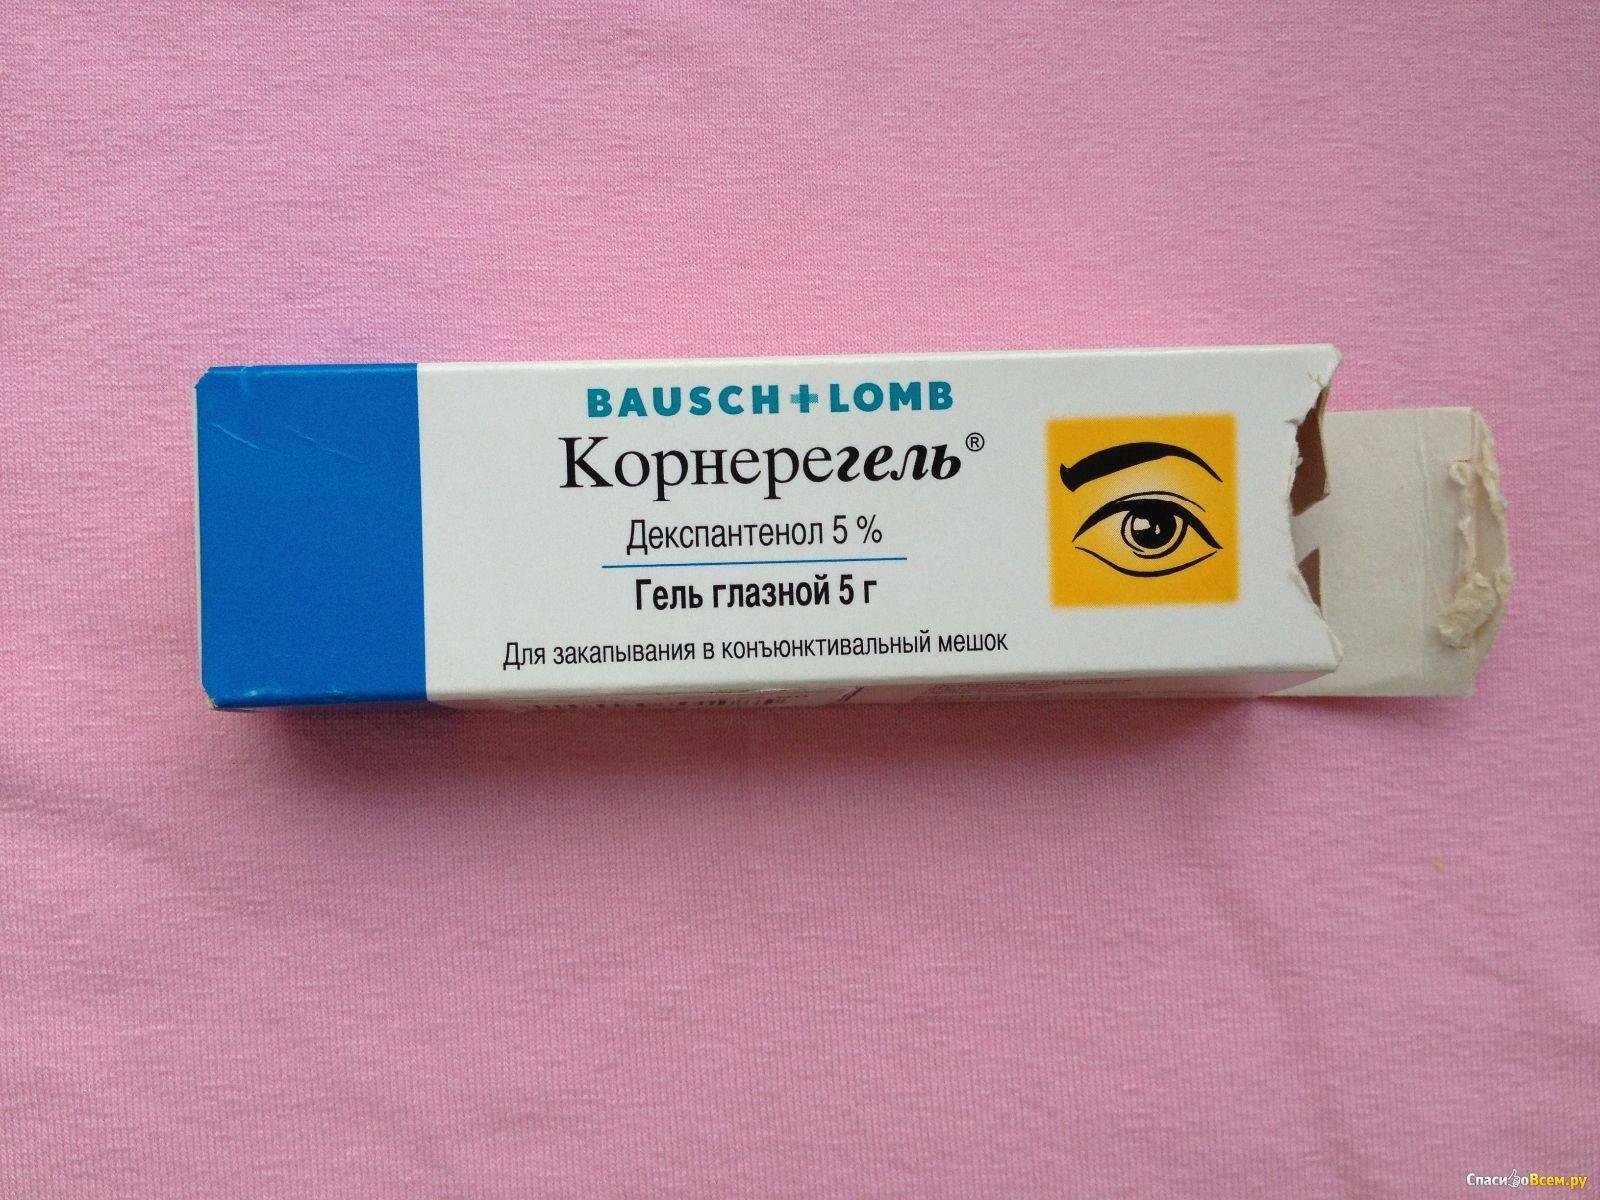 Как применять глазной гель корнерегель: инструкция